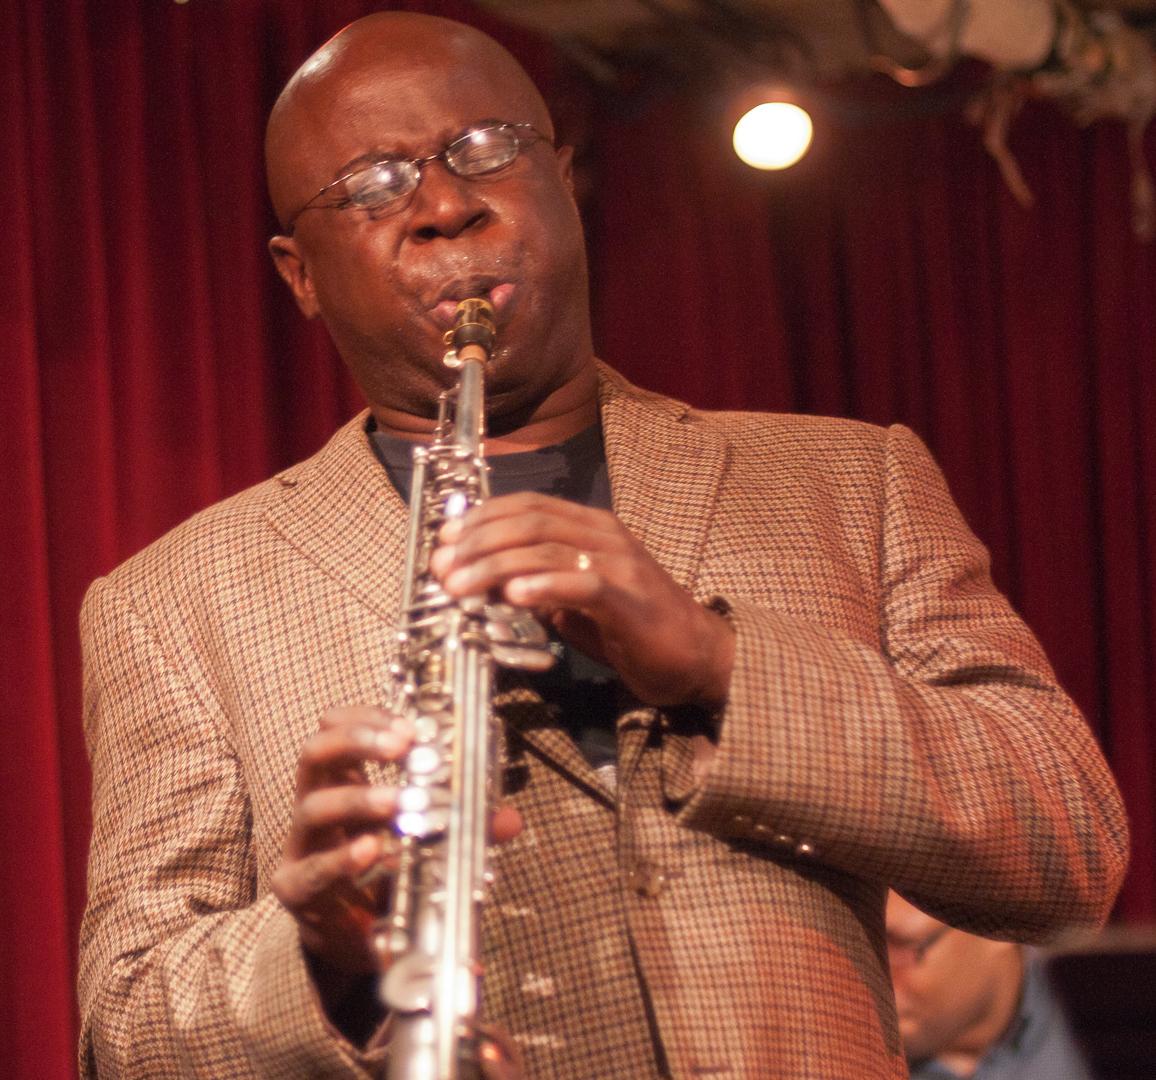 Sam Newsome with the David Liebman/Sam Newsome Quartet at Cornelia Street Cafe